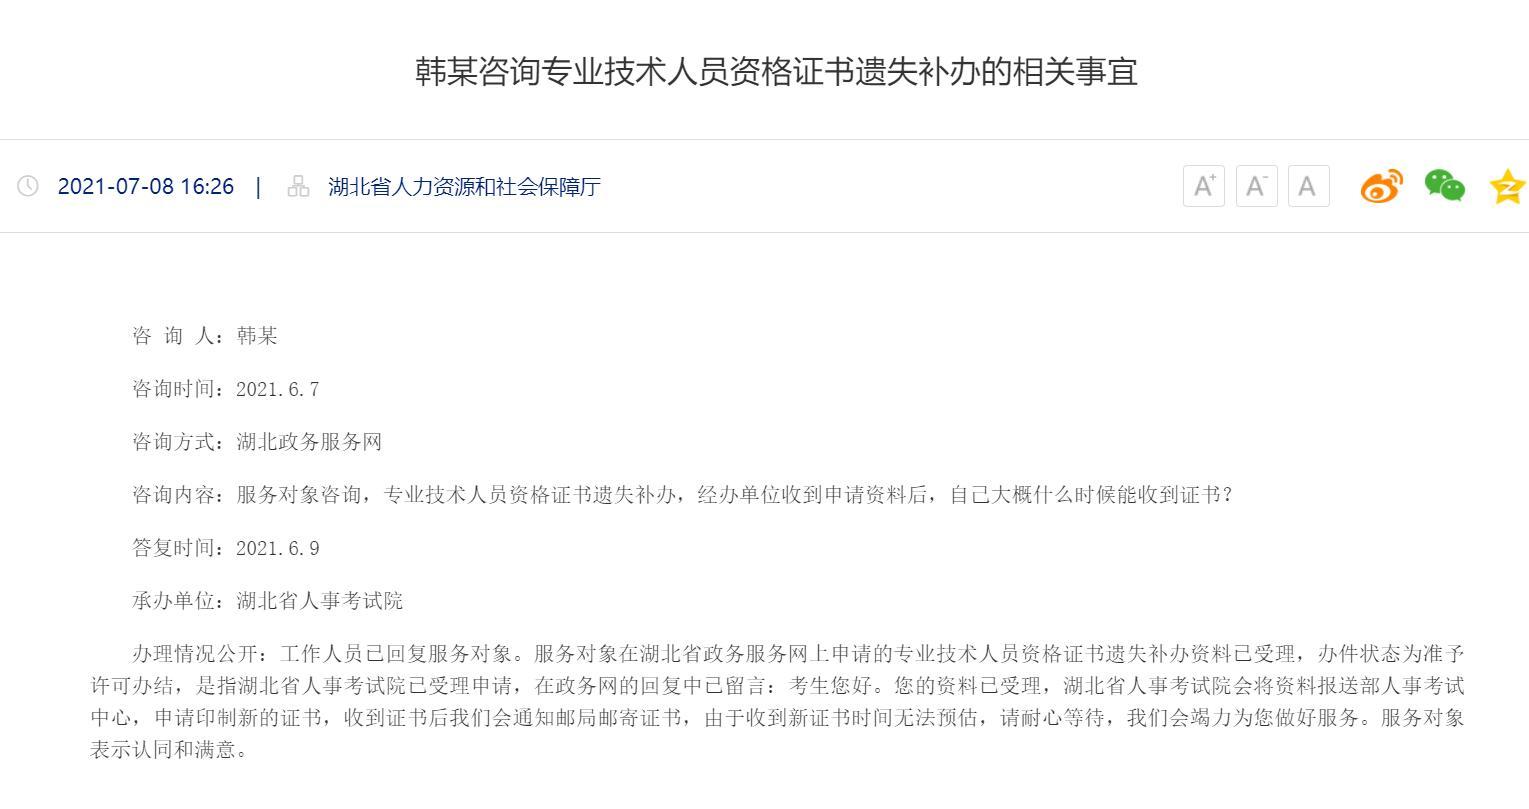 资格证书遗失,可以办理补办吗?湖北省人社厅官网回复